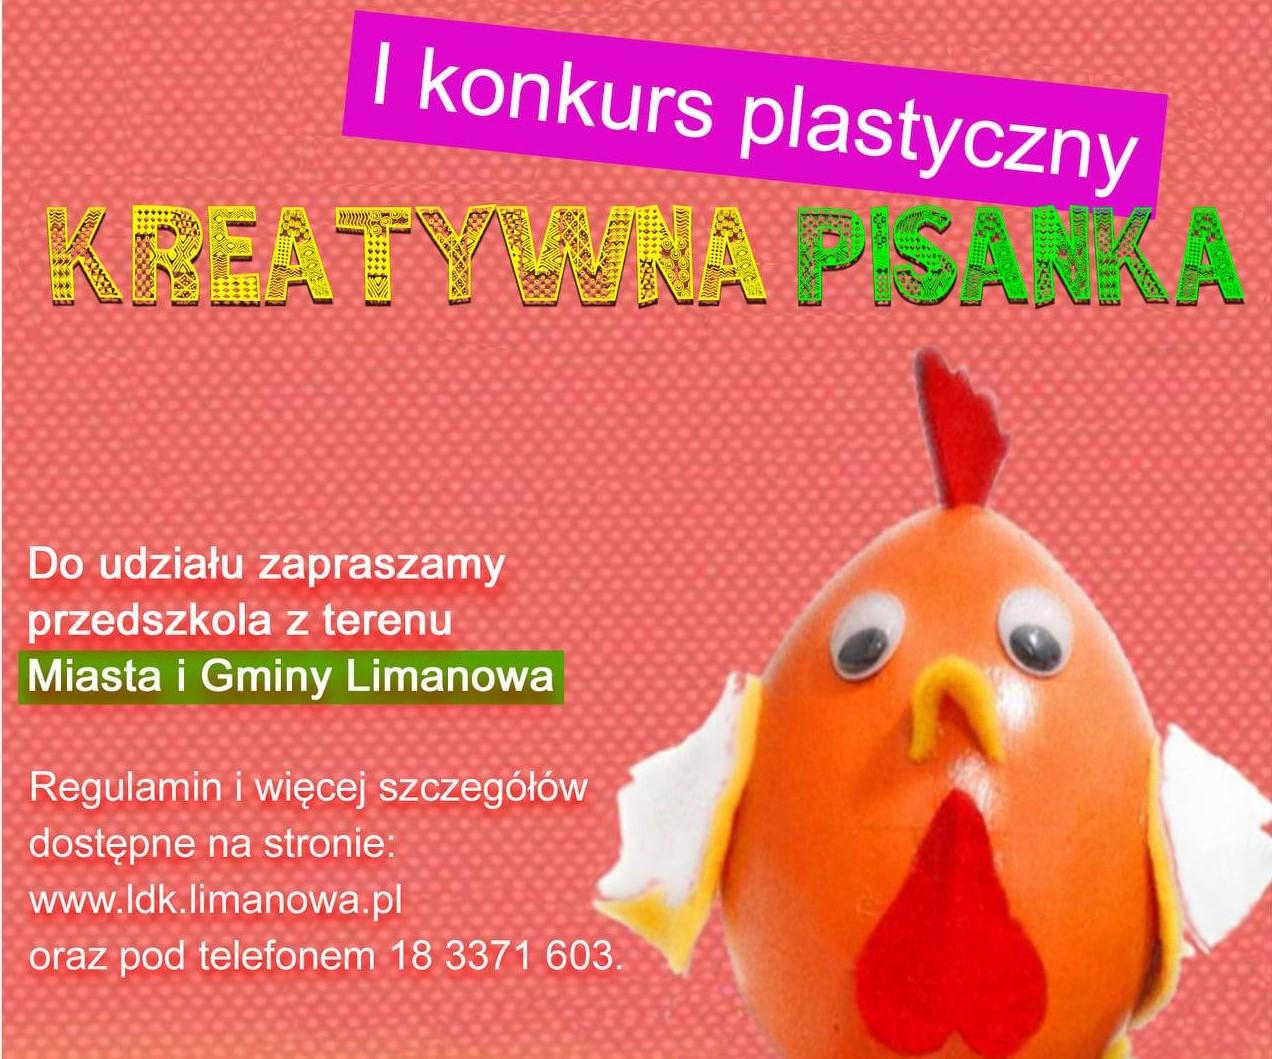 plakat - I konkurs plastyczny kreatywna pisanka